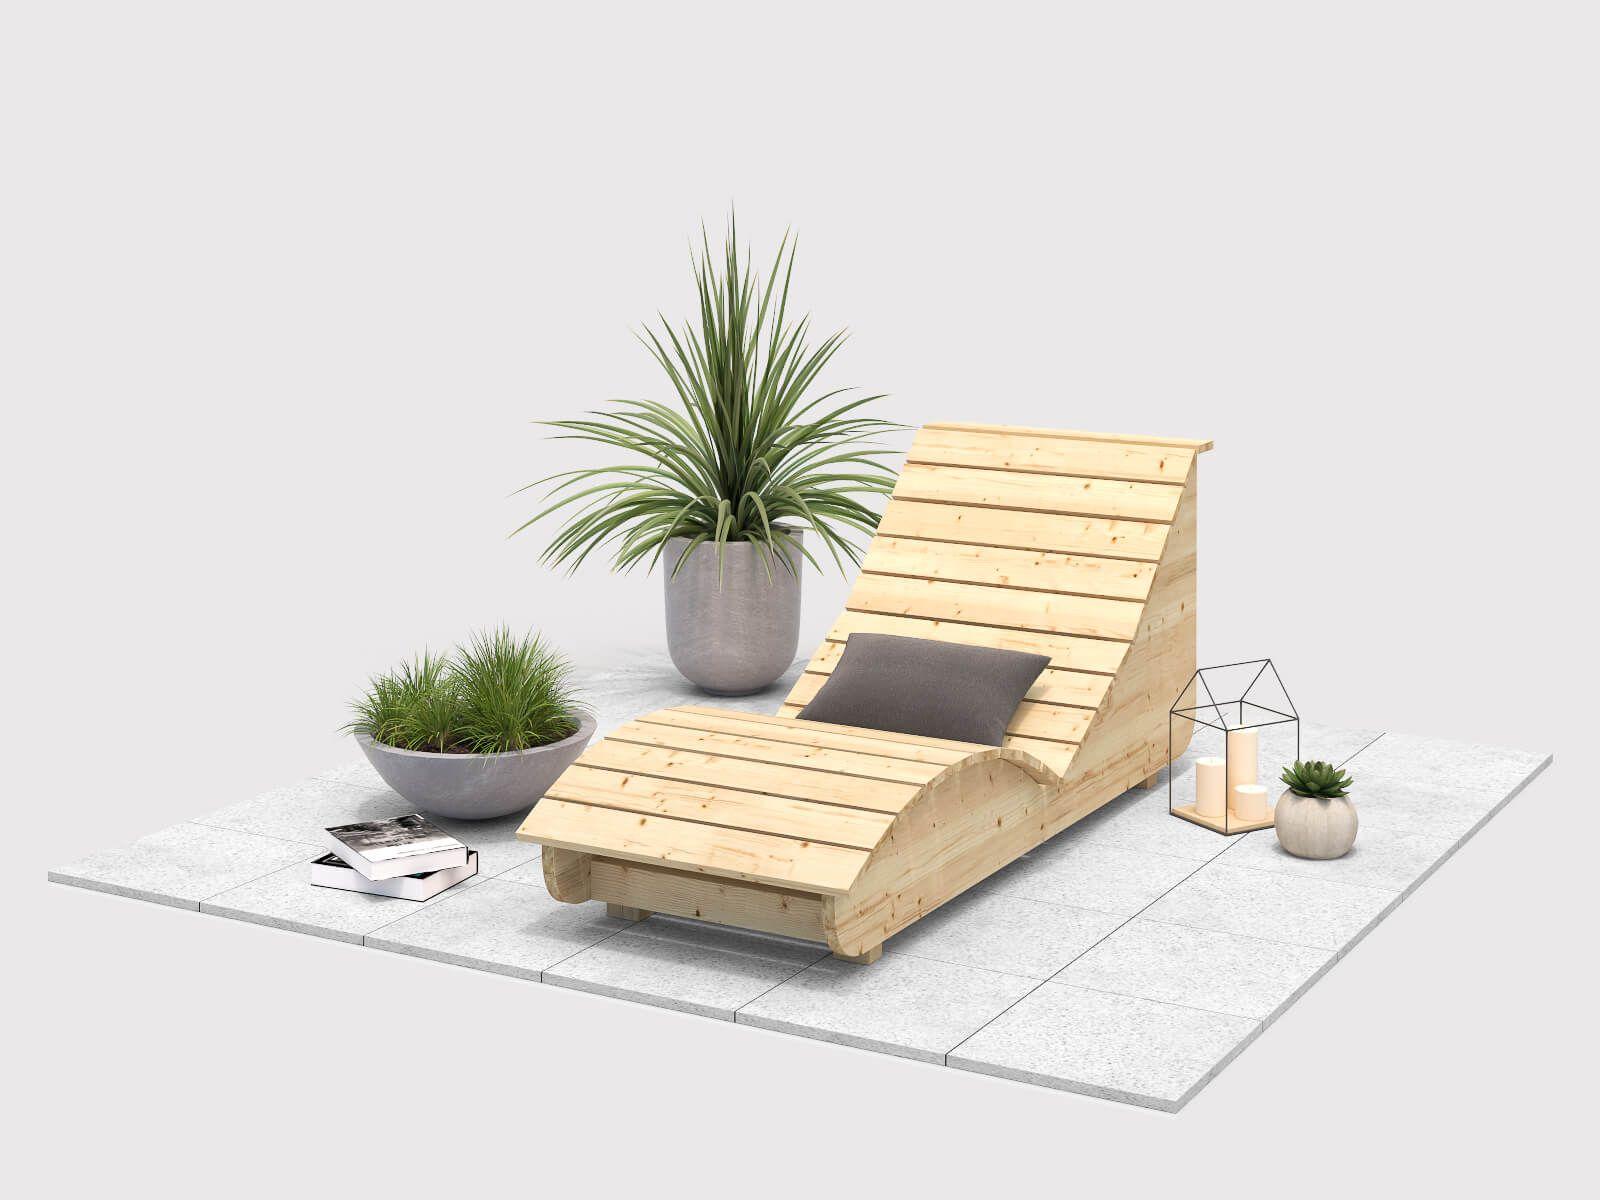 Tavoli Da Giardino In Legno Obi.Wellenliege Lena Selber Bauen Alle Mobel Idee